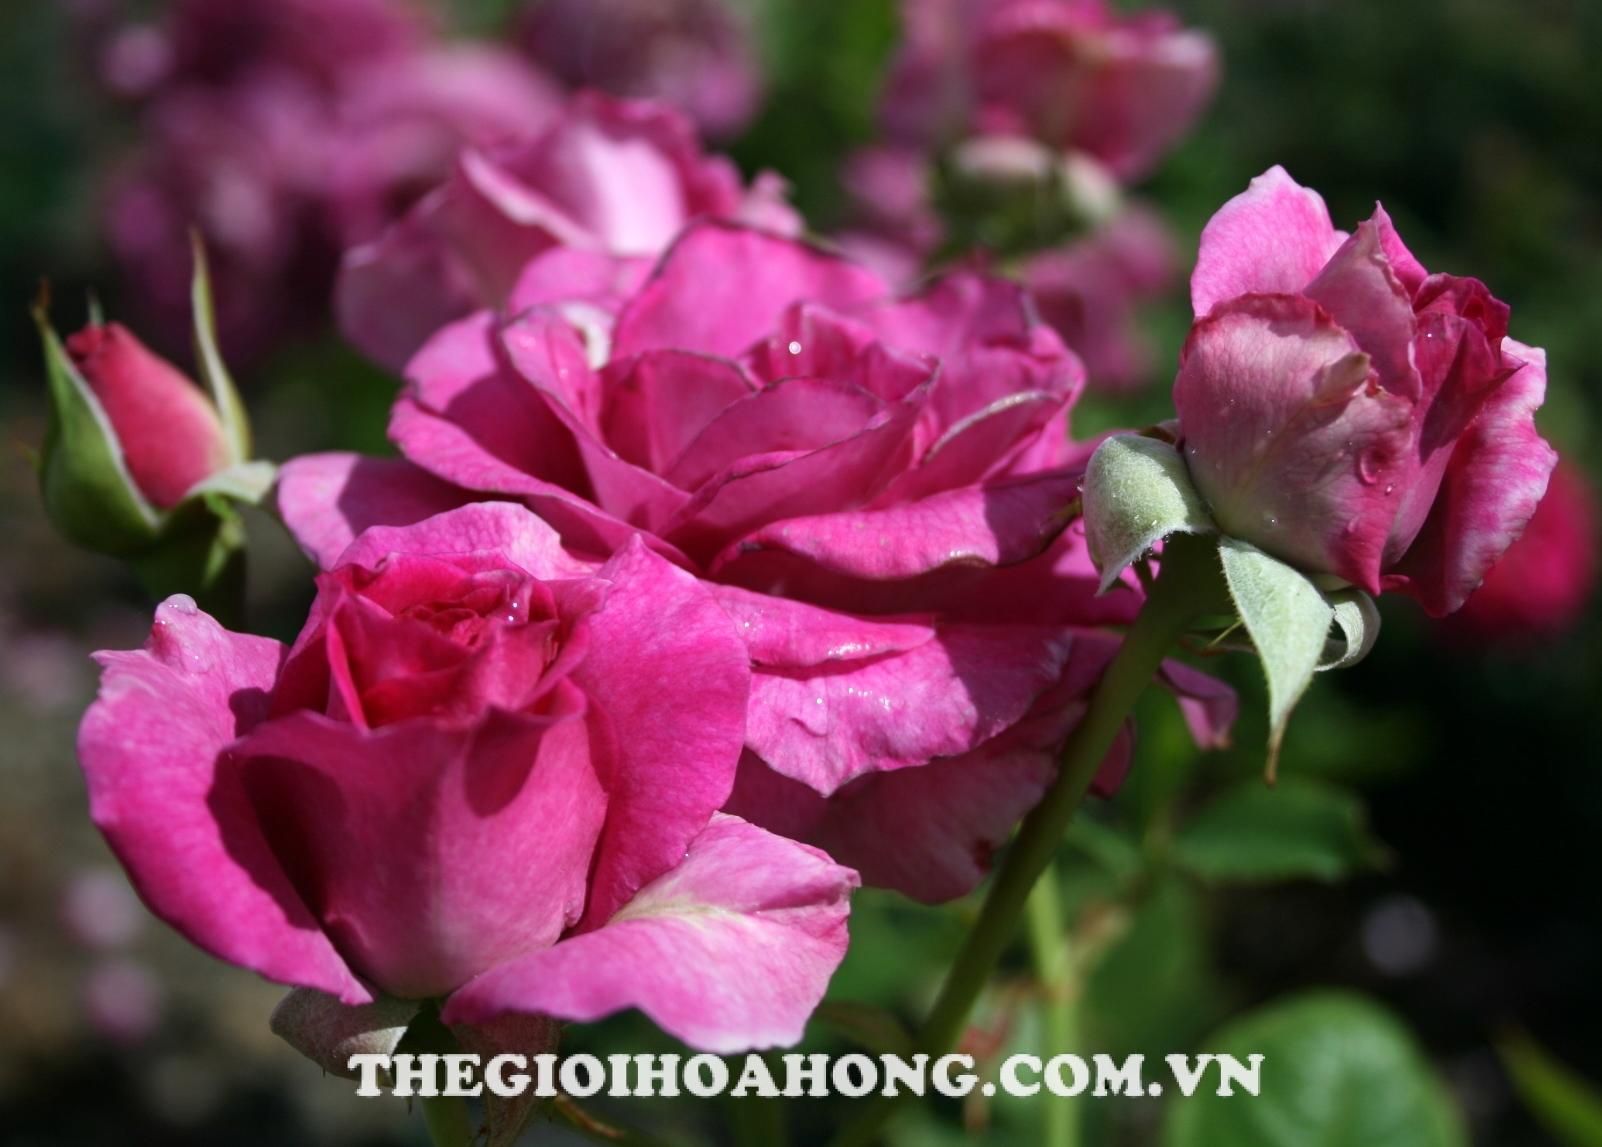 Hoa hồng bụi sweet intoxicantion